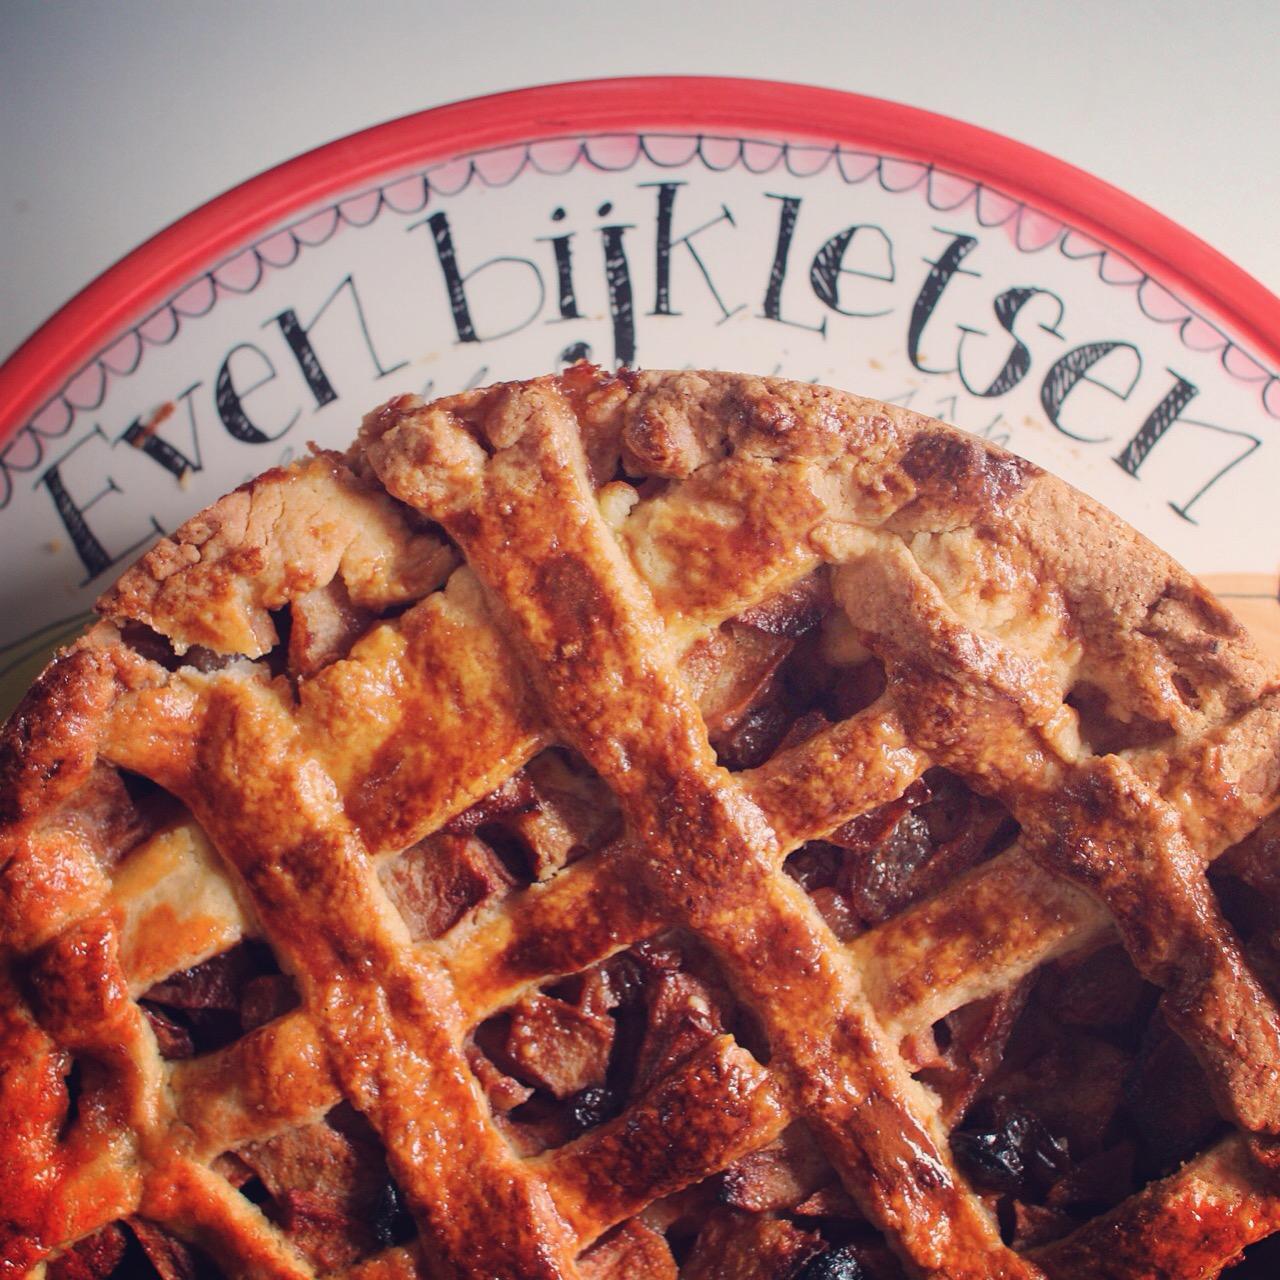 zaterdag maakte ik dan eindelijk zelf een appeltaart, Dat we ervan hebben genoten kon je al eerder lezen